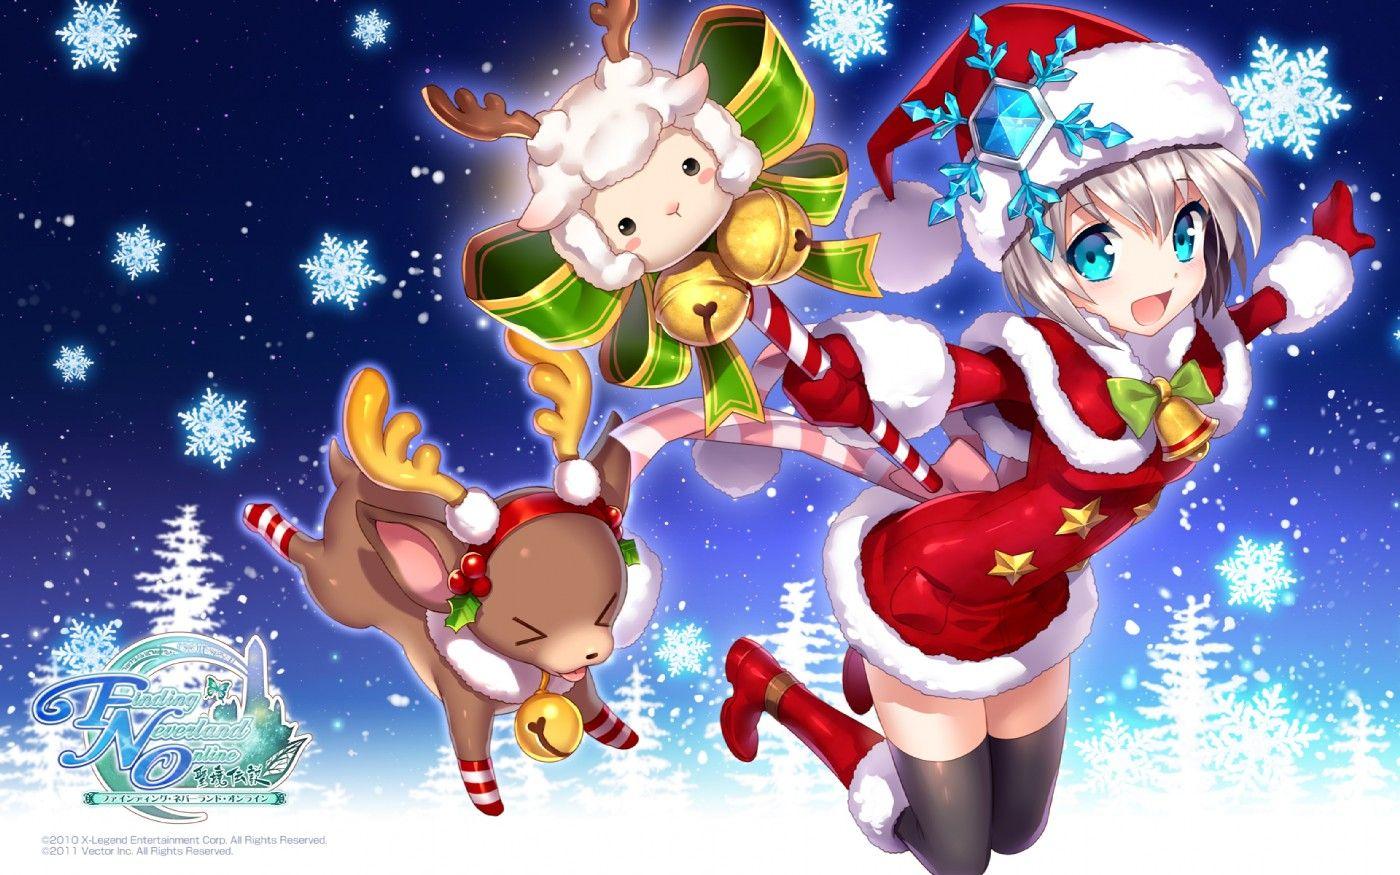 Pin By Karore On Nardack Anime Christmas Anime Anime Characters